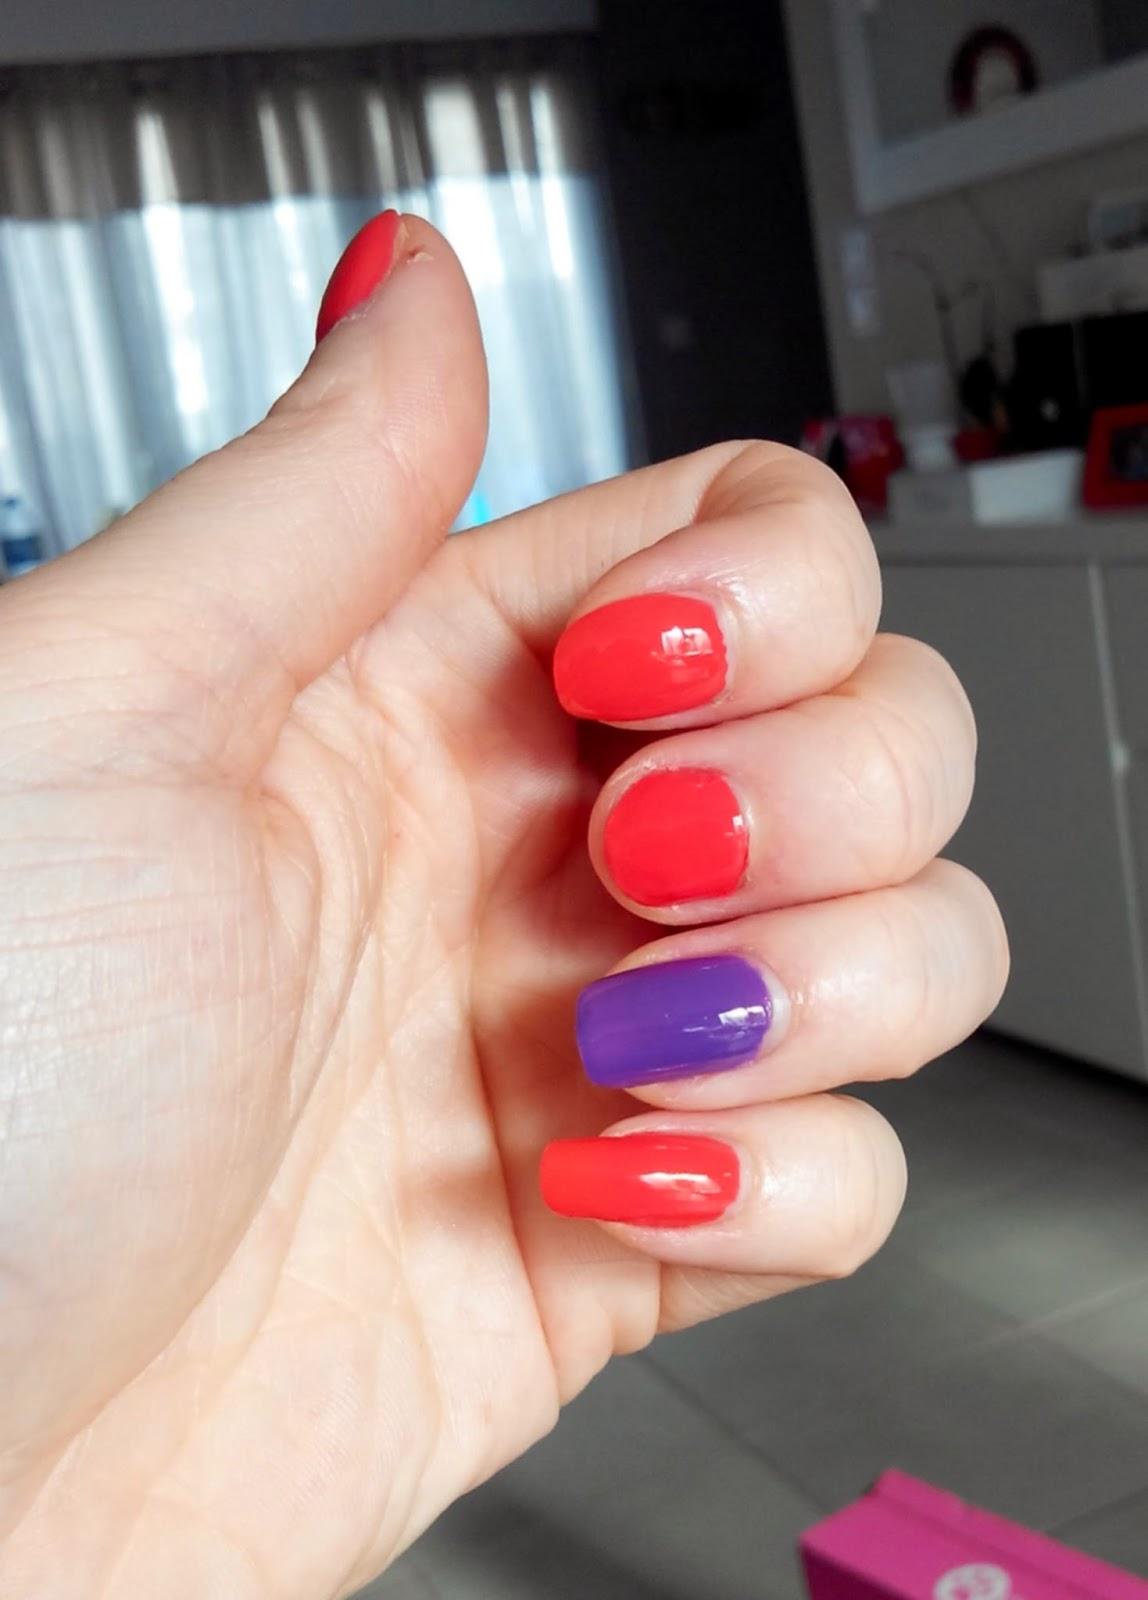 vernis, manucure, rouge, violet, ongles, bullelodie, bell, kosméopolis